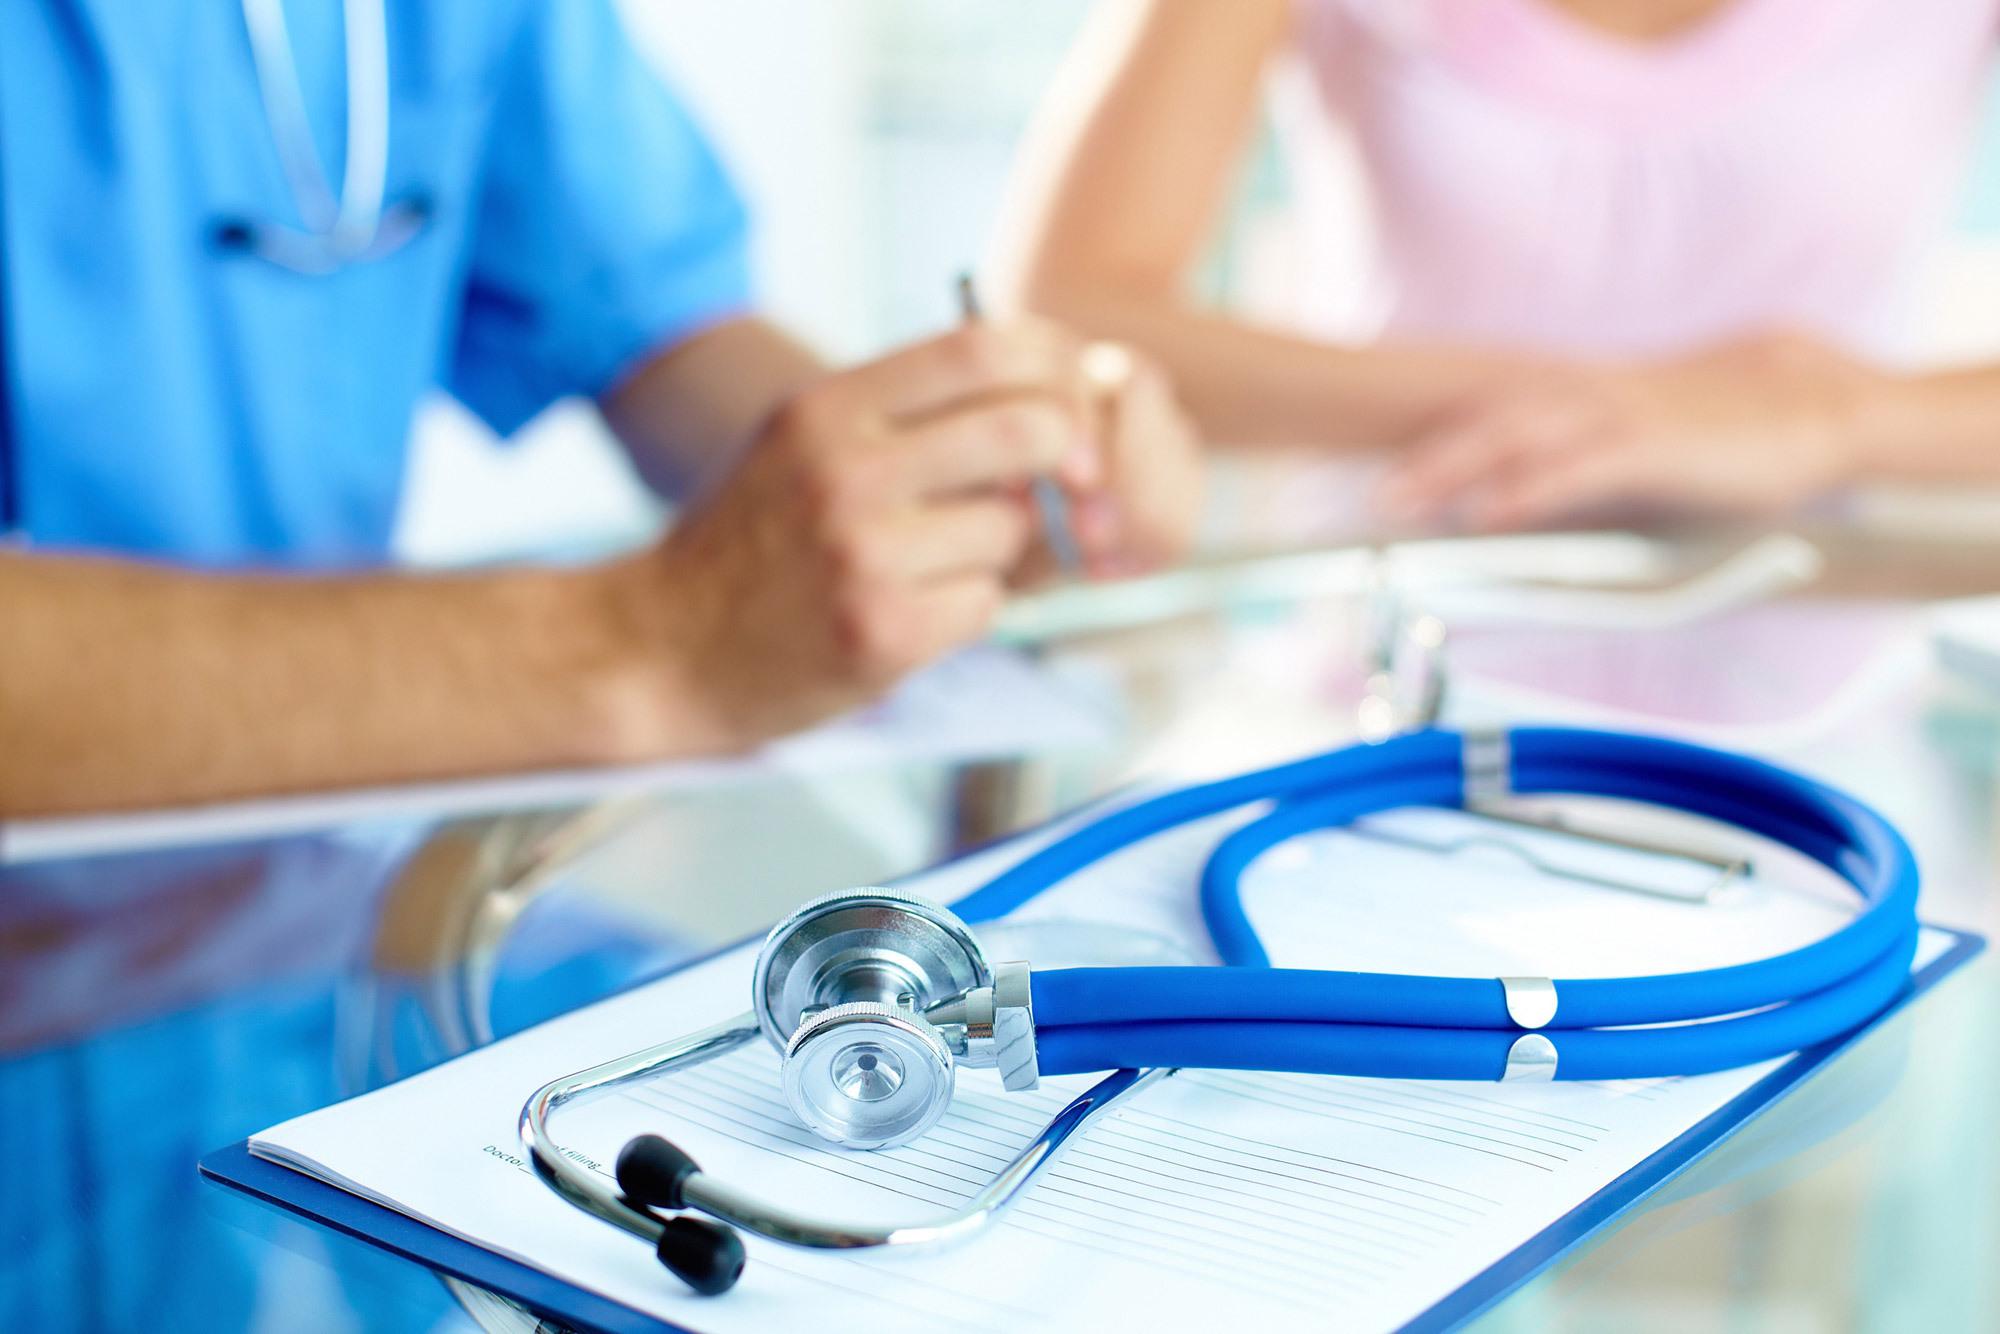 Cât de importante sunt investigațiile medicale anuale